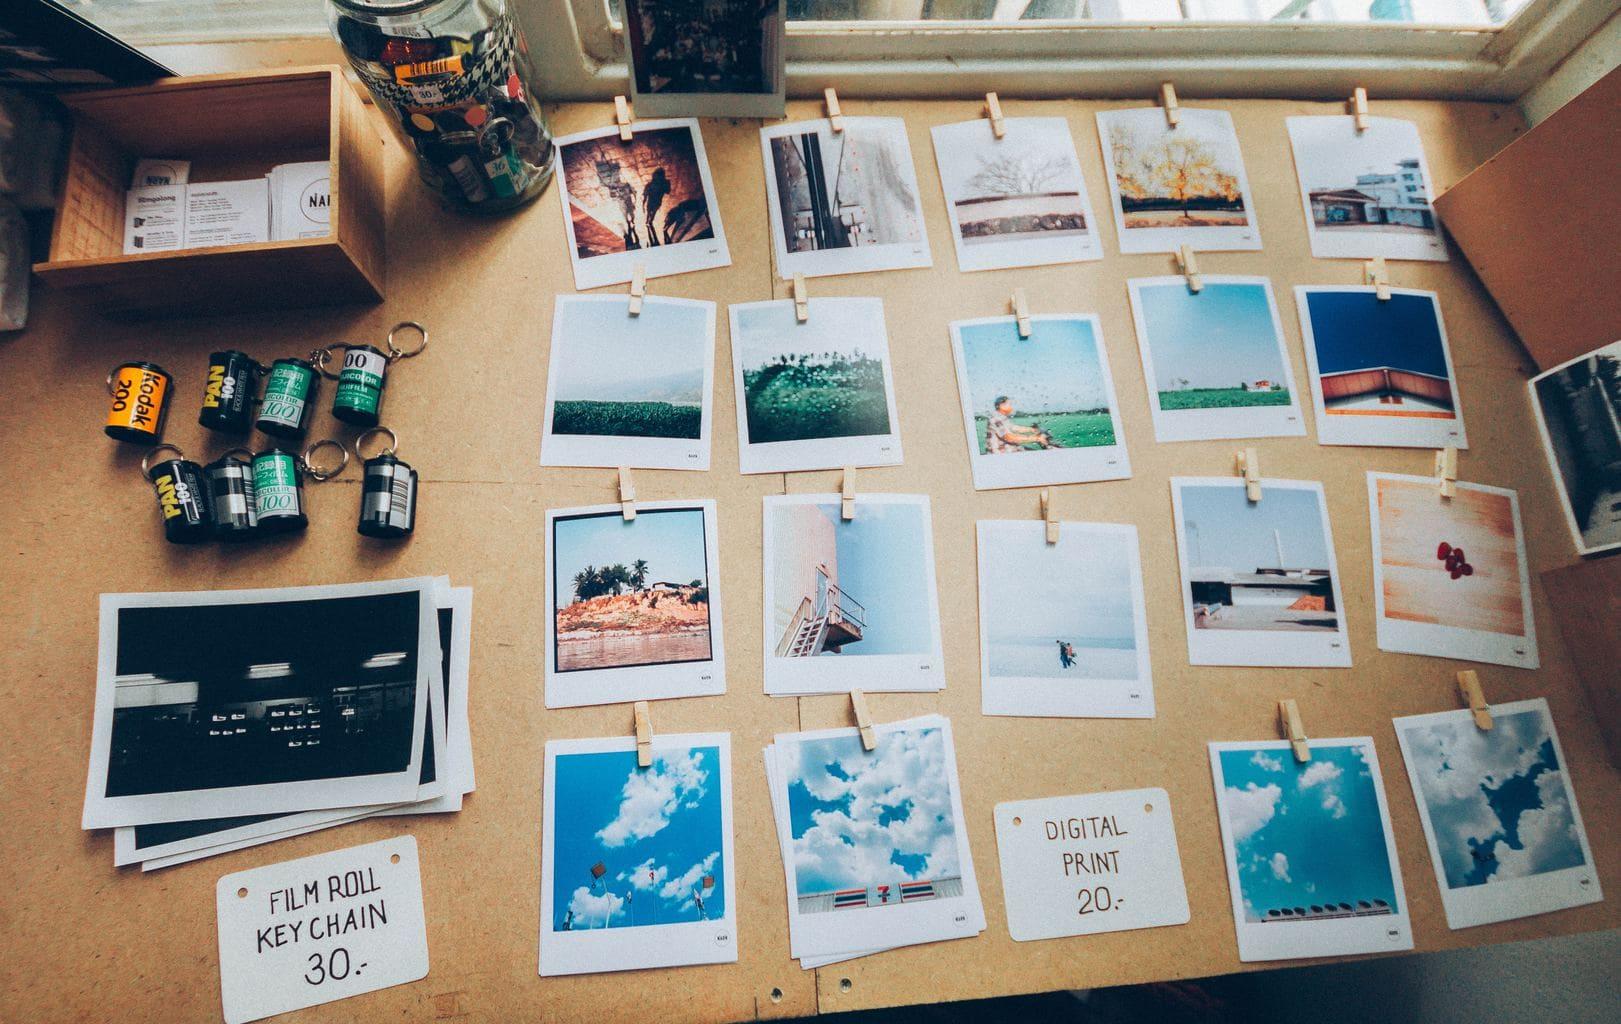 fotografías analógicas